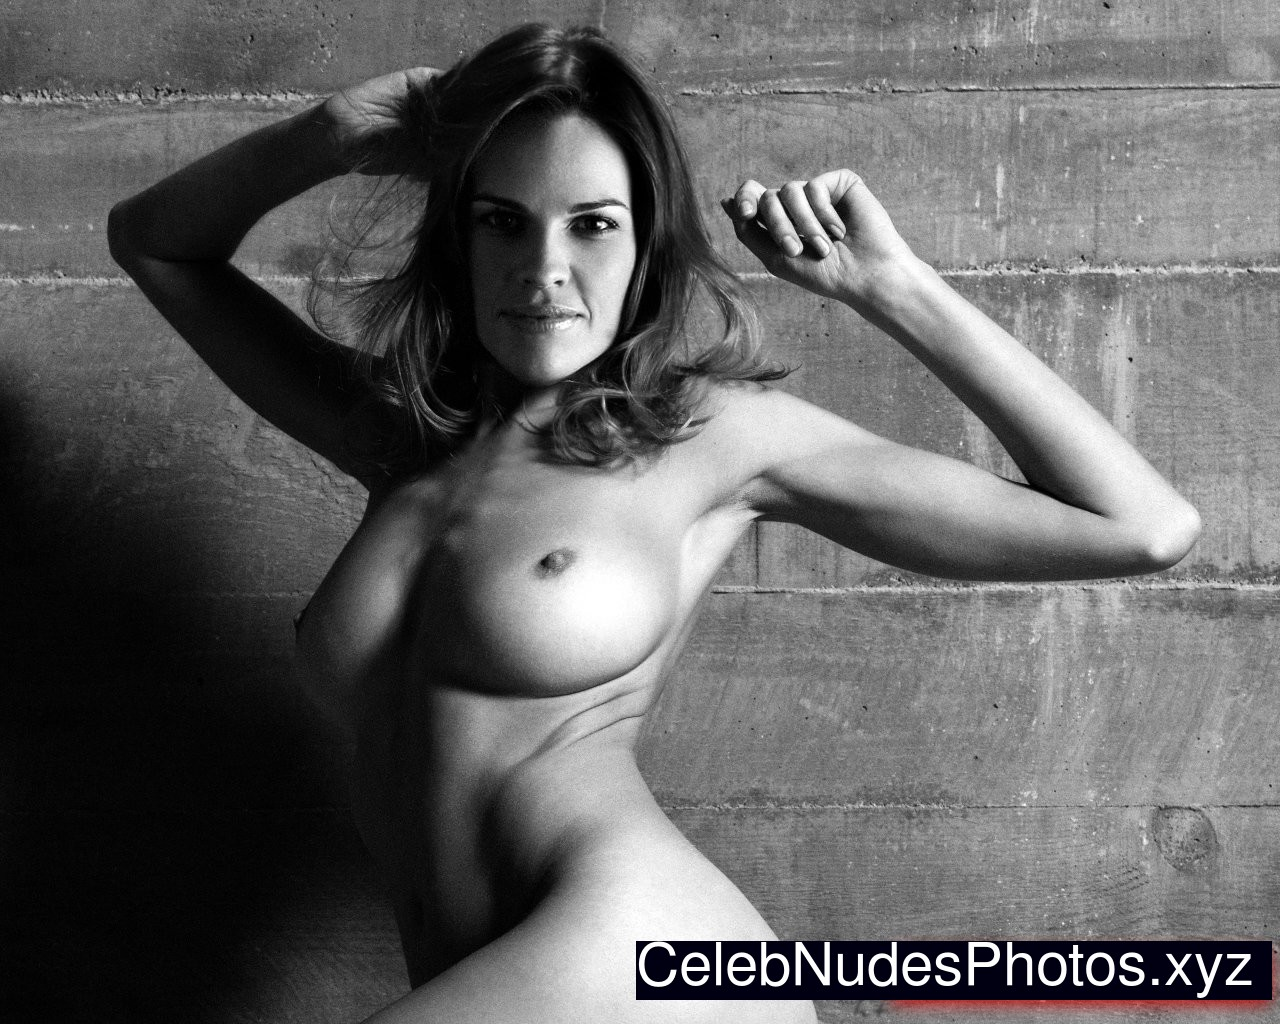 Hilary swank naked gif